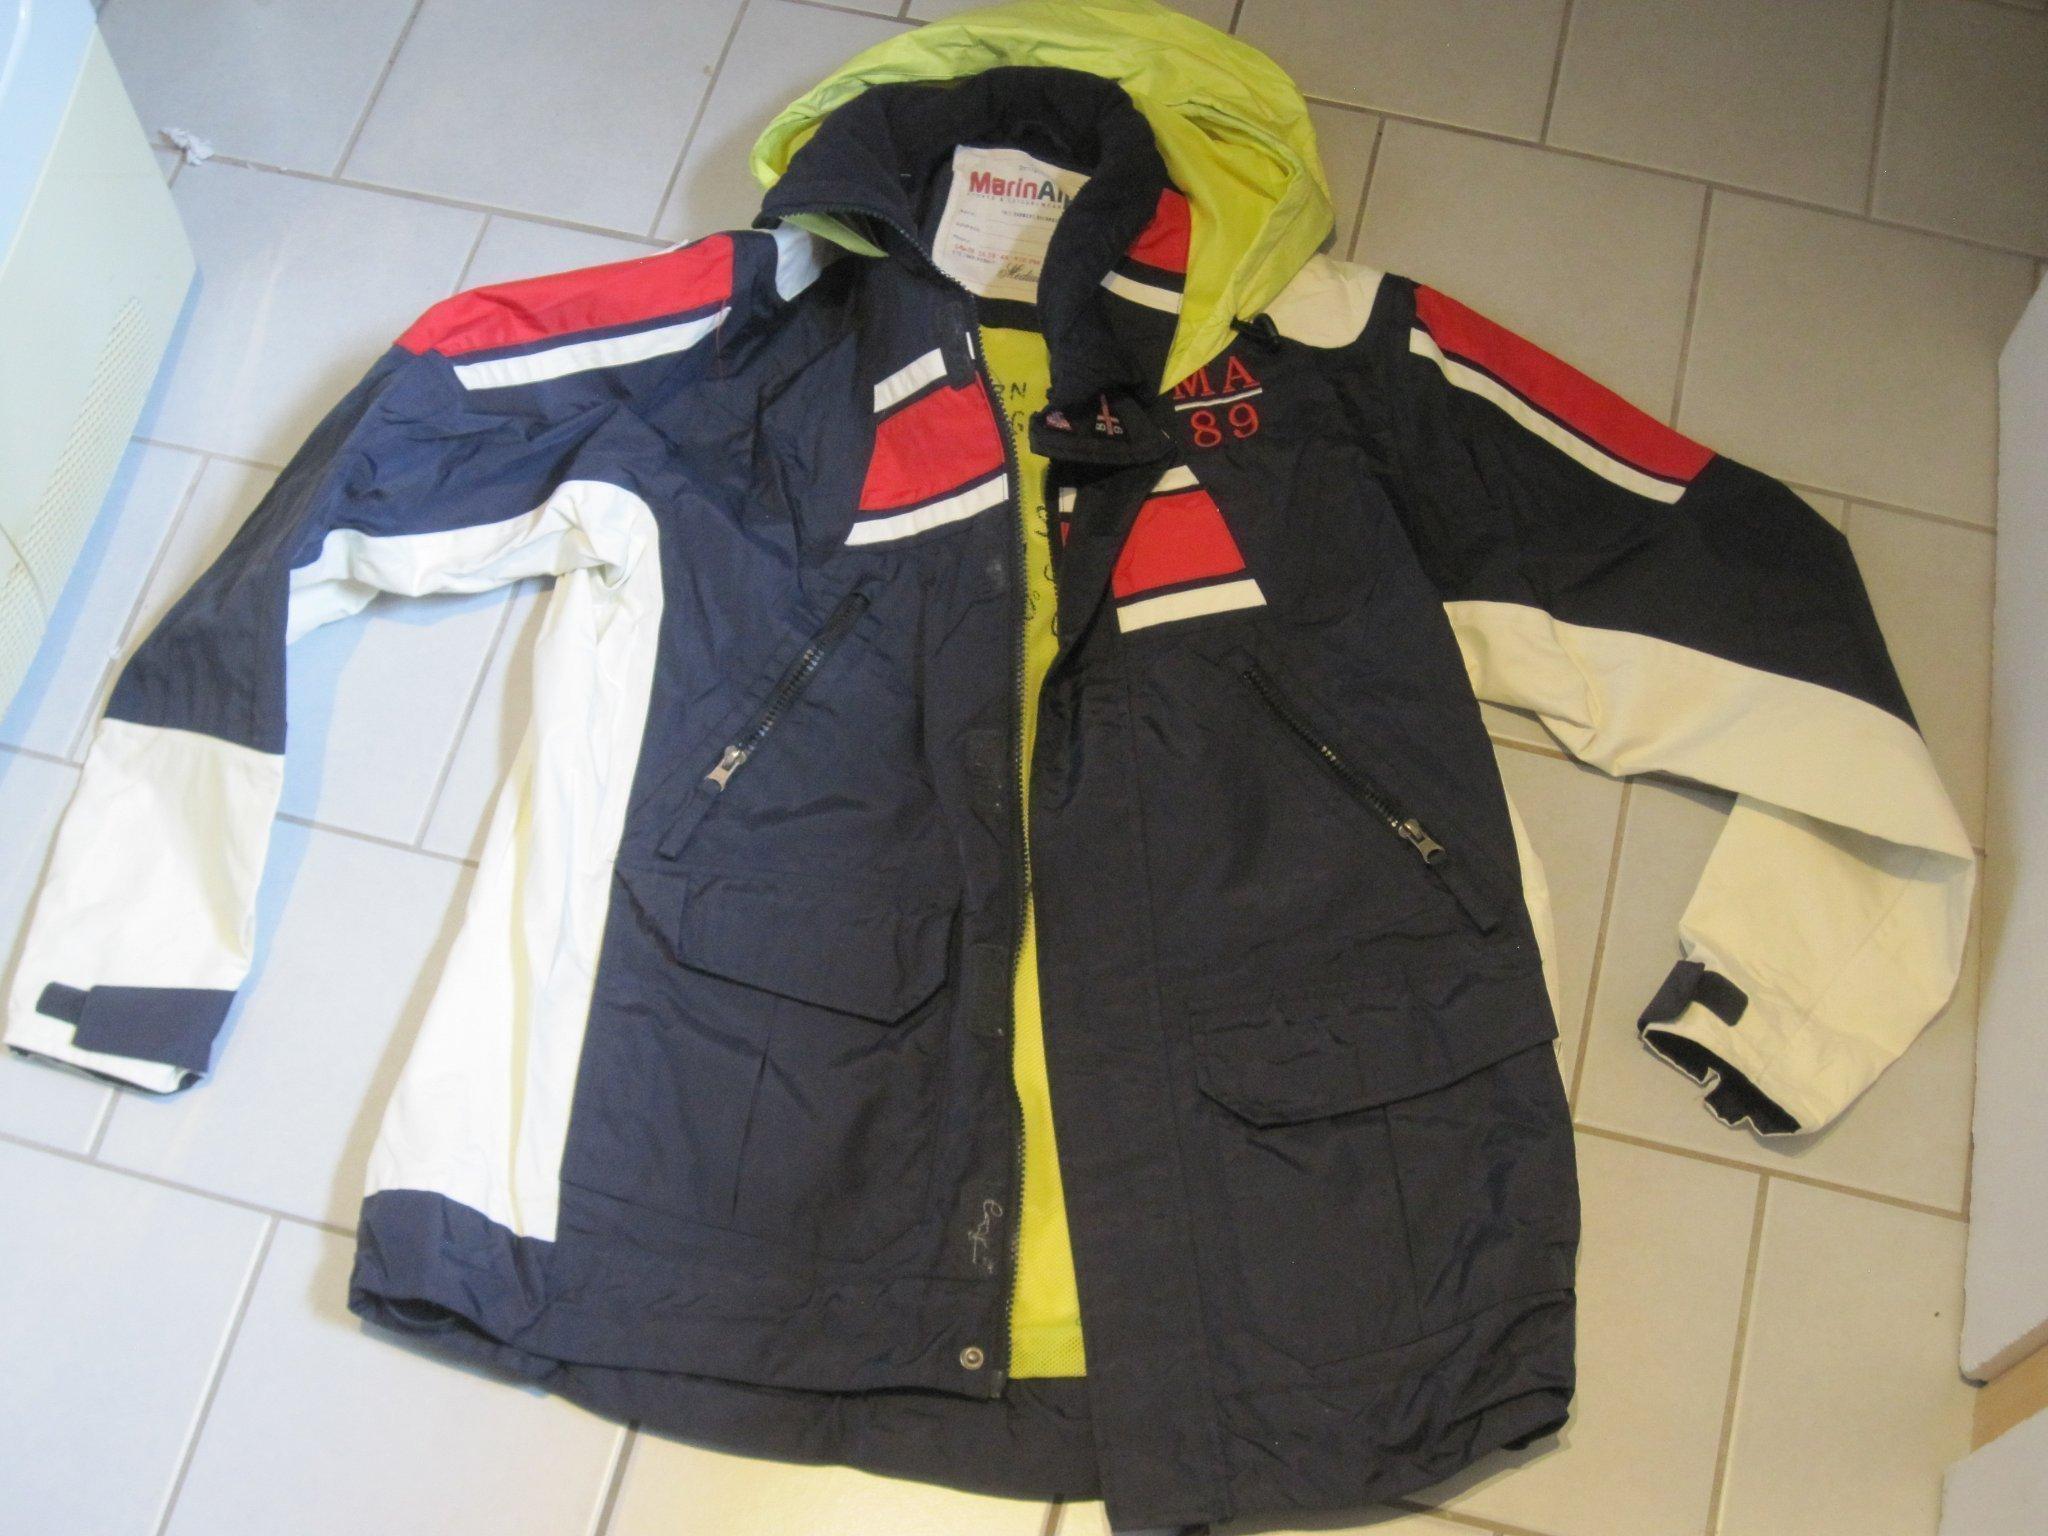 Marin alpin jacka härlig längre modell storlek m utrop 15kr.